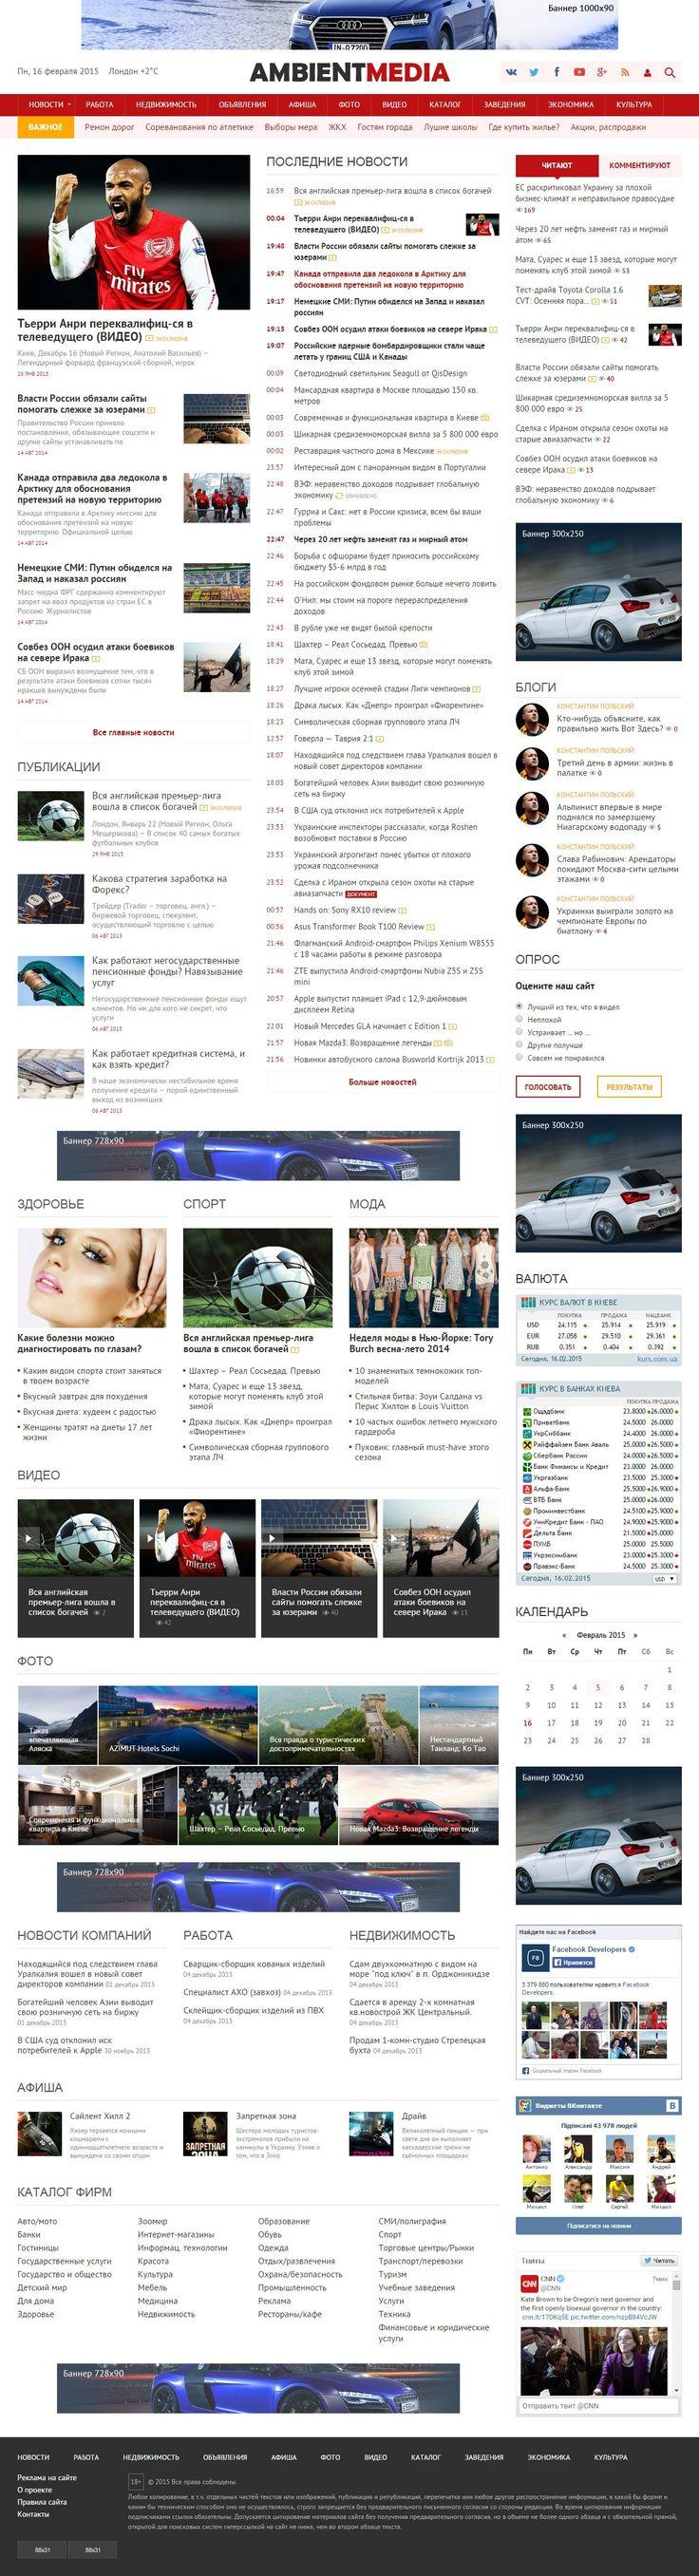 AmbientMedia - адаптивный новостной шаблон для городского портала DLE #templates #website #шаблон #сайт #web